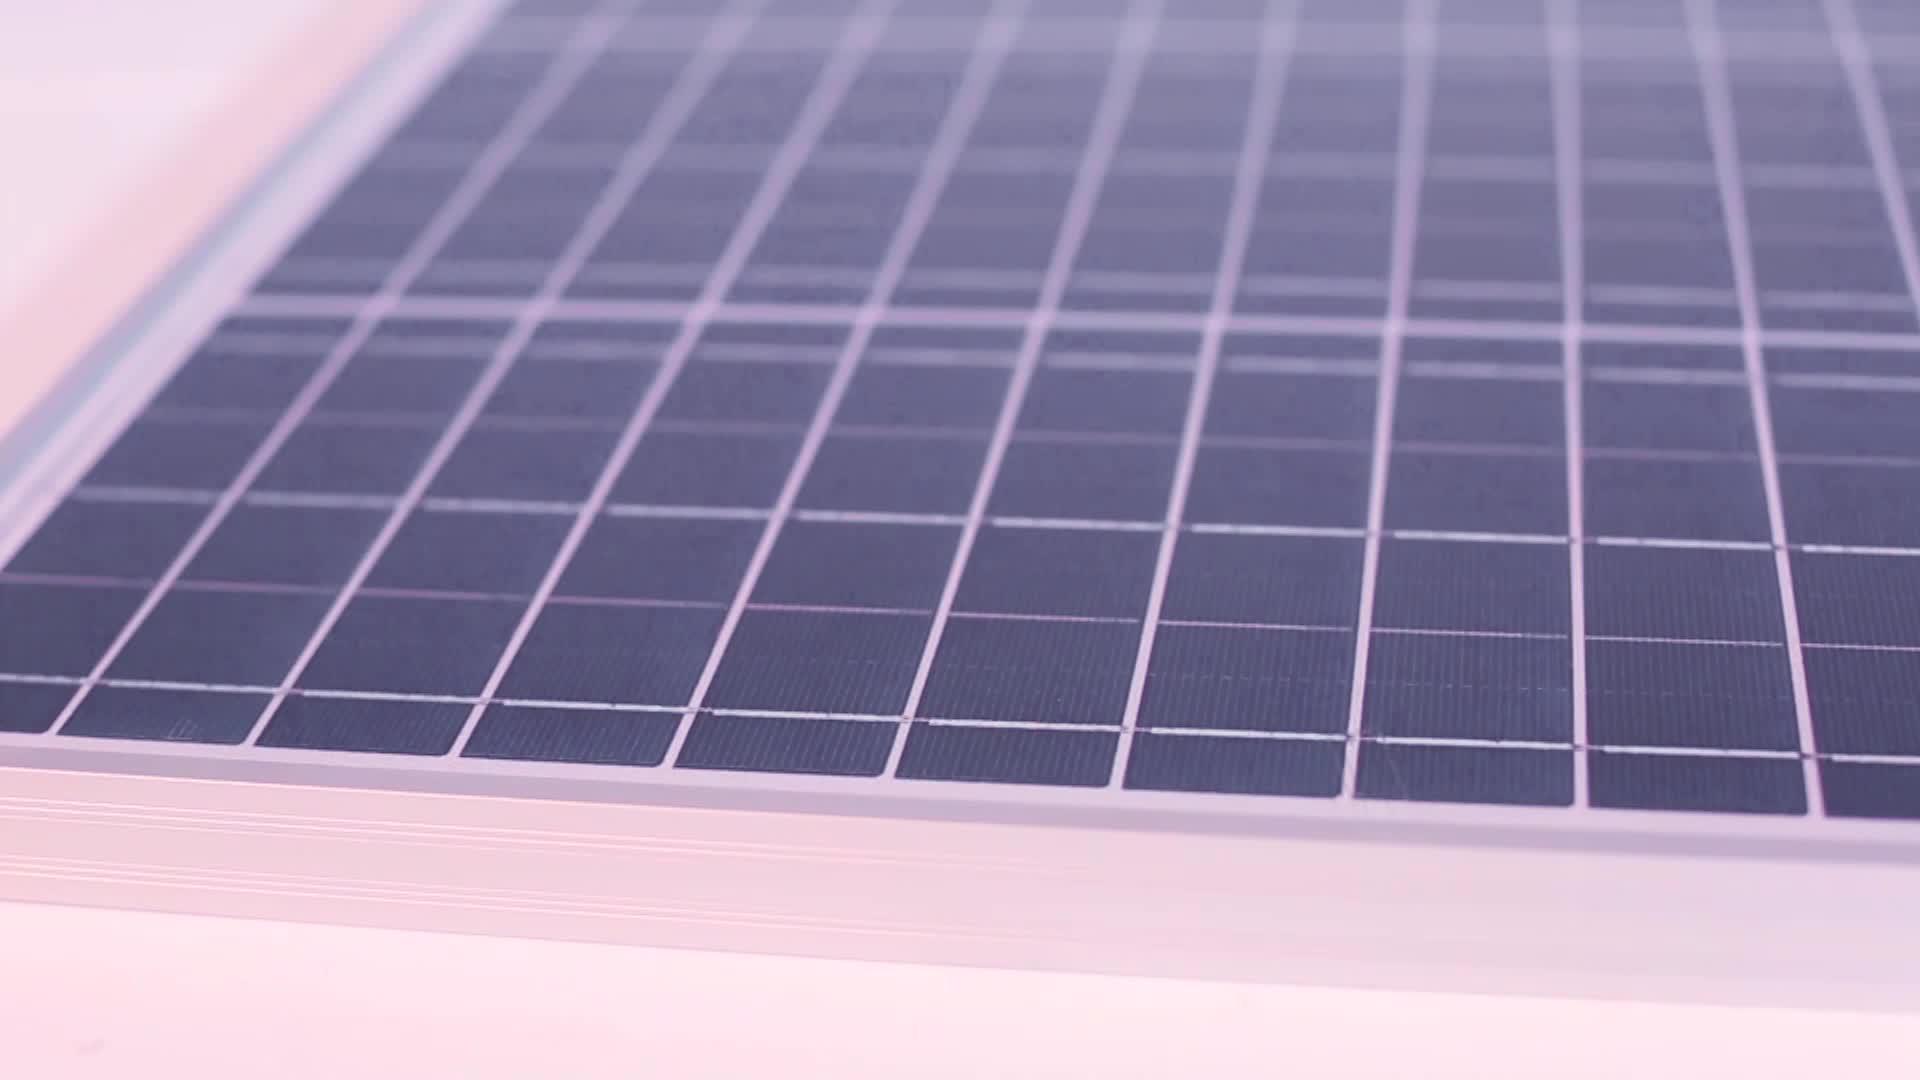 Goosun ऊर्जा 2019 सस्ती कीमत 400w मोनो सौर पैनल pv सौर पैनल